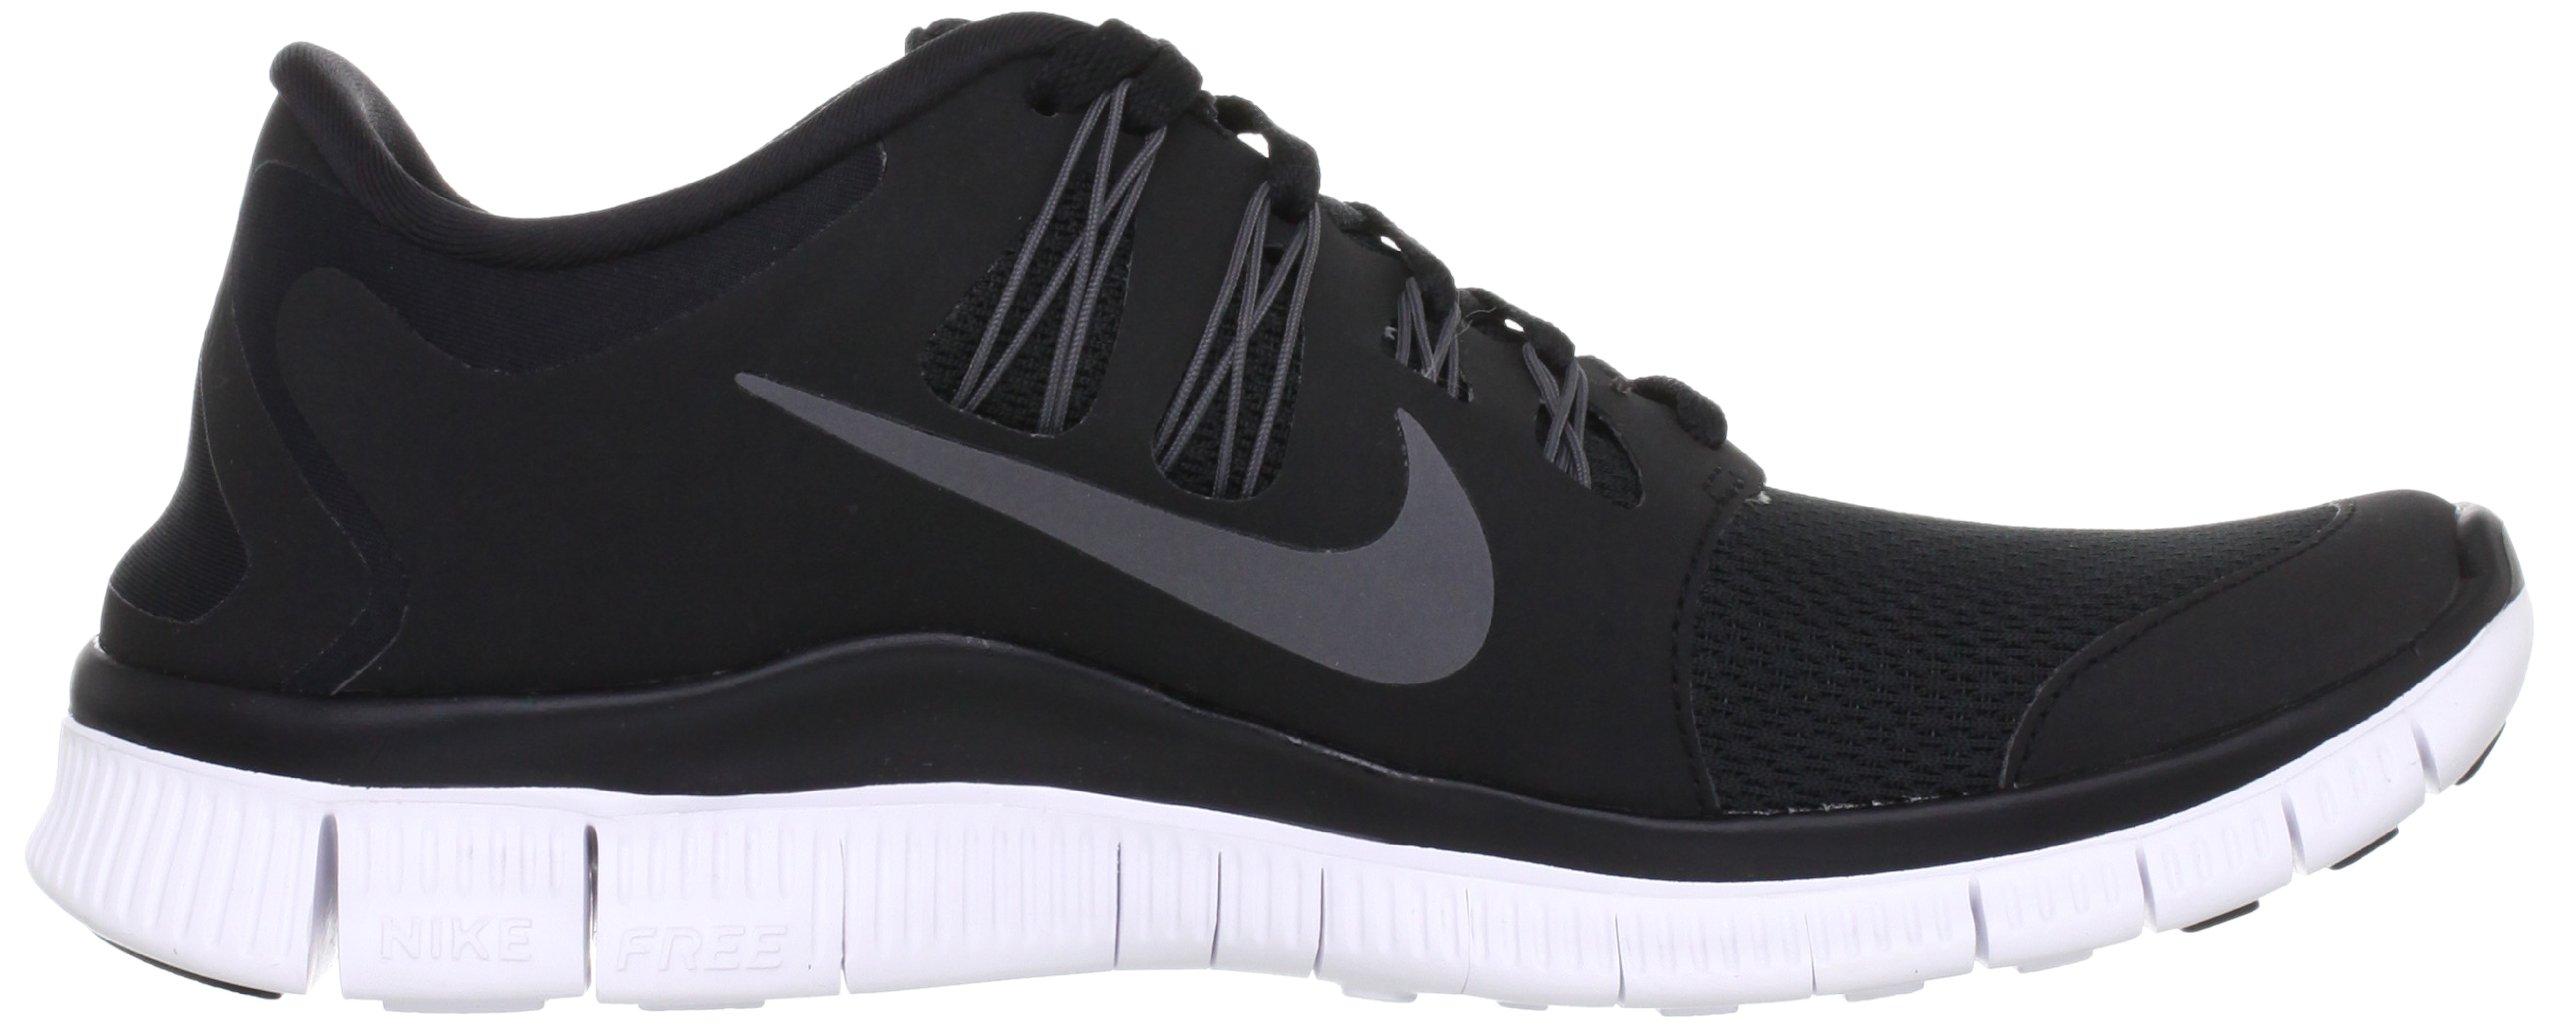 71knoJ36MDL - Nike Men's Free 5.0+ Running Shoes